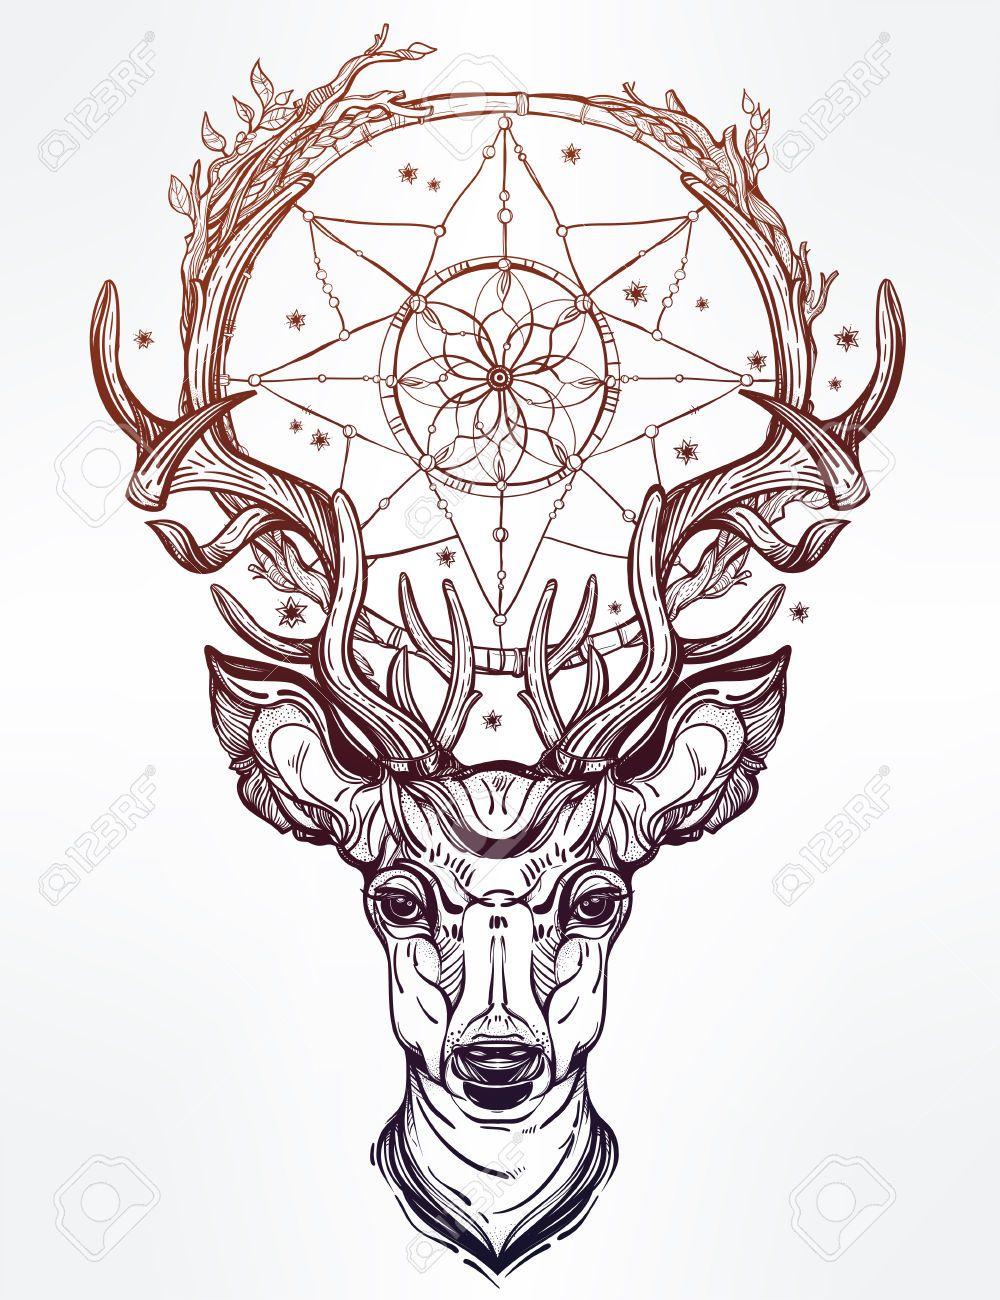 пин от пользователя Konstantin Motrich на доске Tattoo тату олень